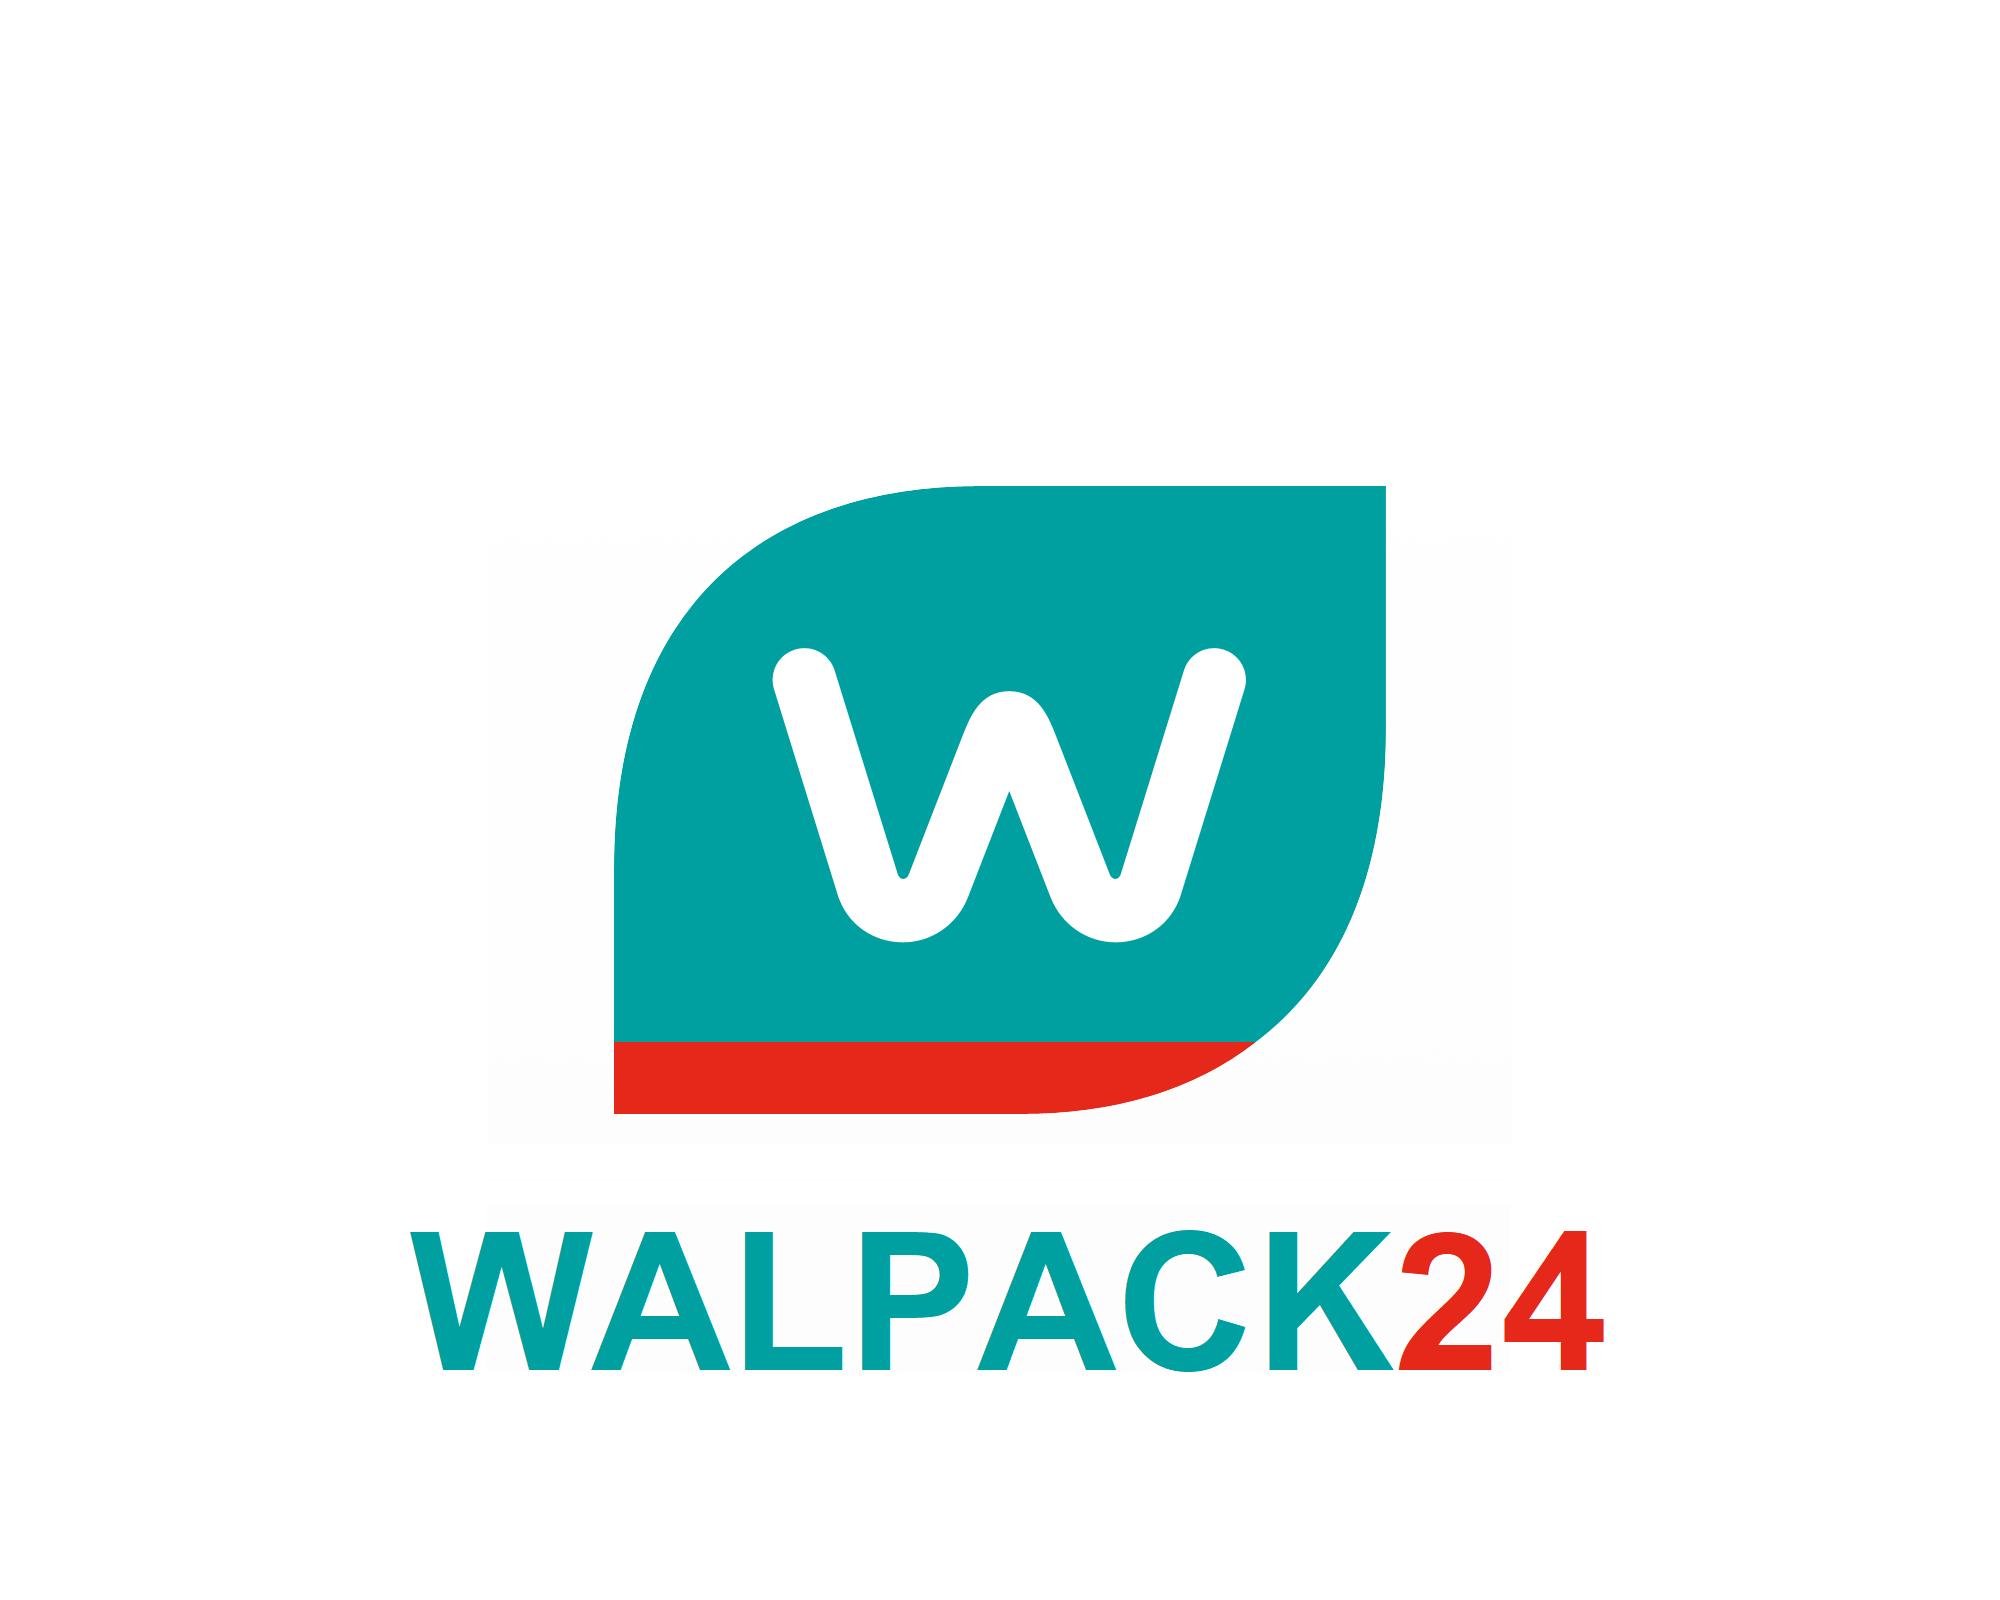 WALPACK